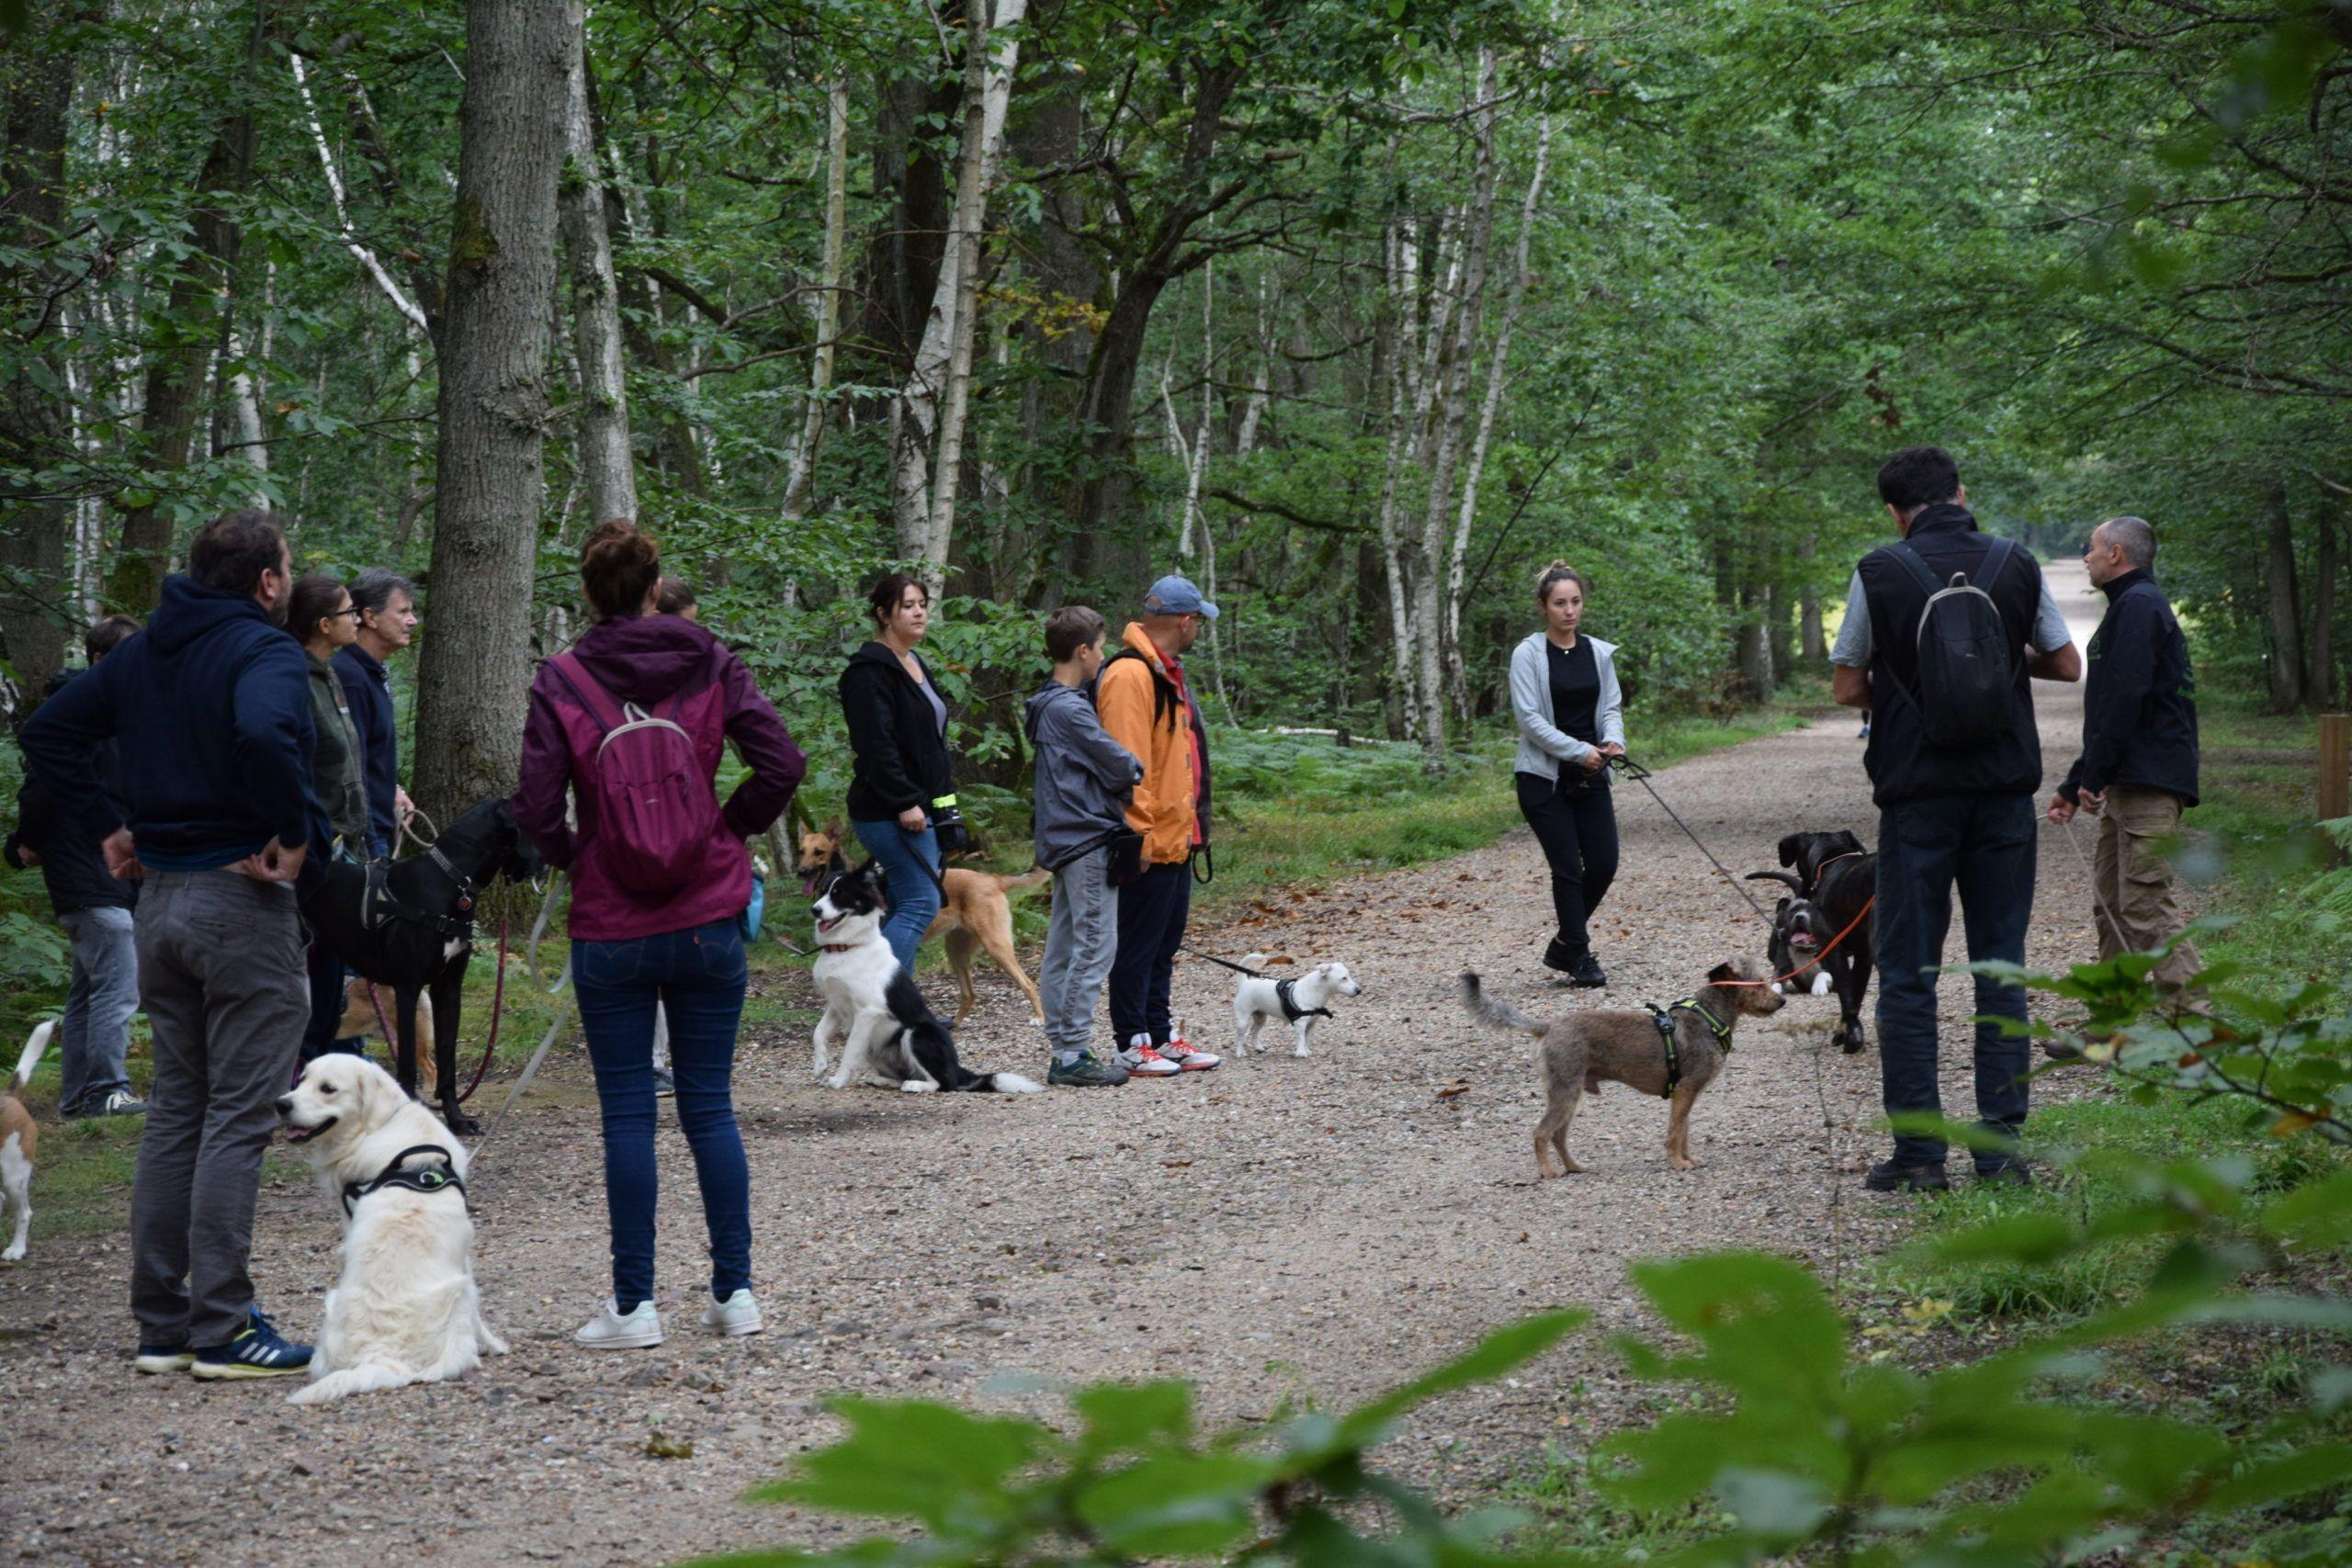 Stage intensif education canine île-de-france Jouars-pontchartrain Yvelines 78 Alexis bonnarang Educhien78 club canin de la plaine de jouars